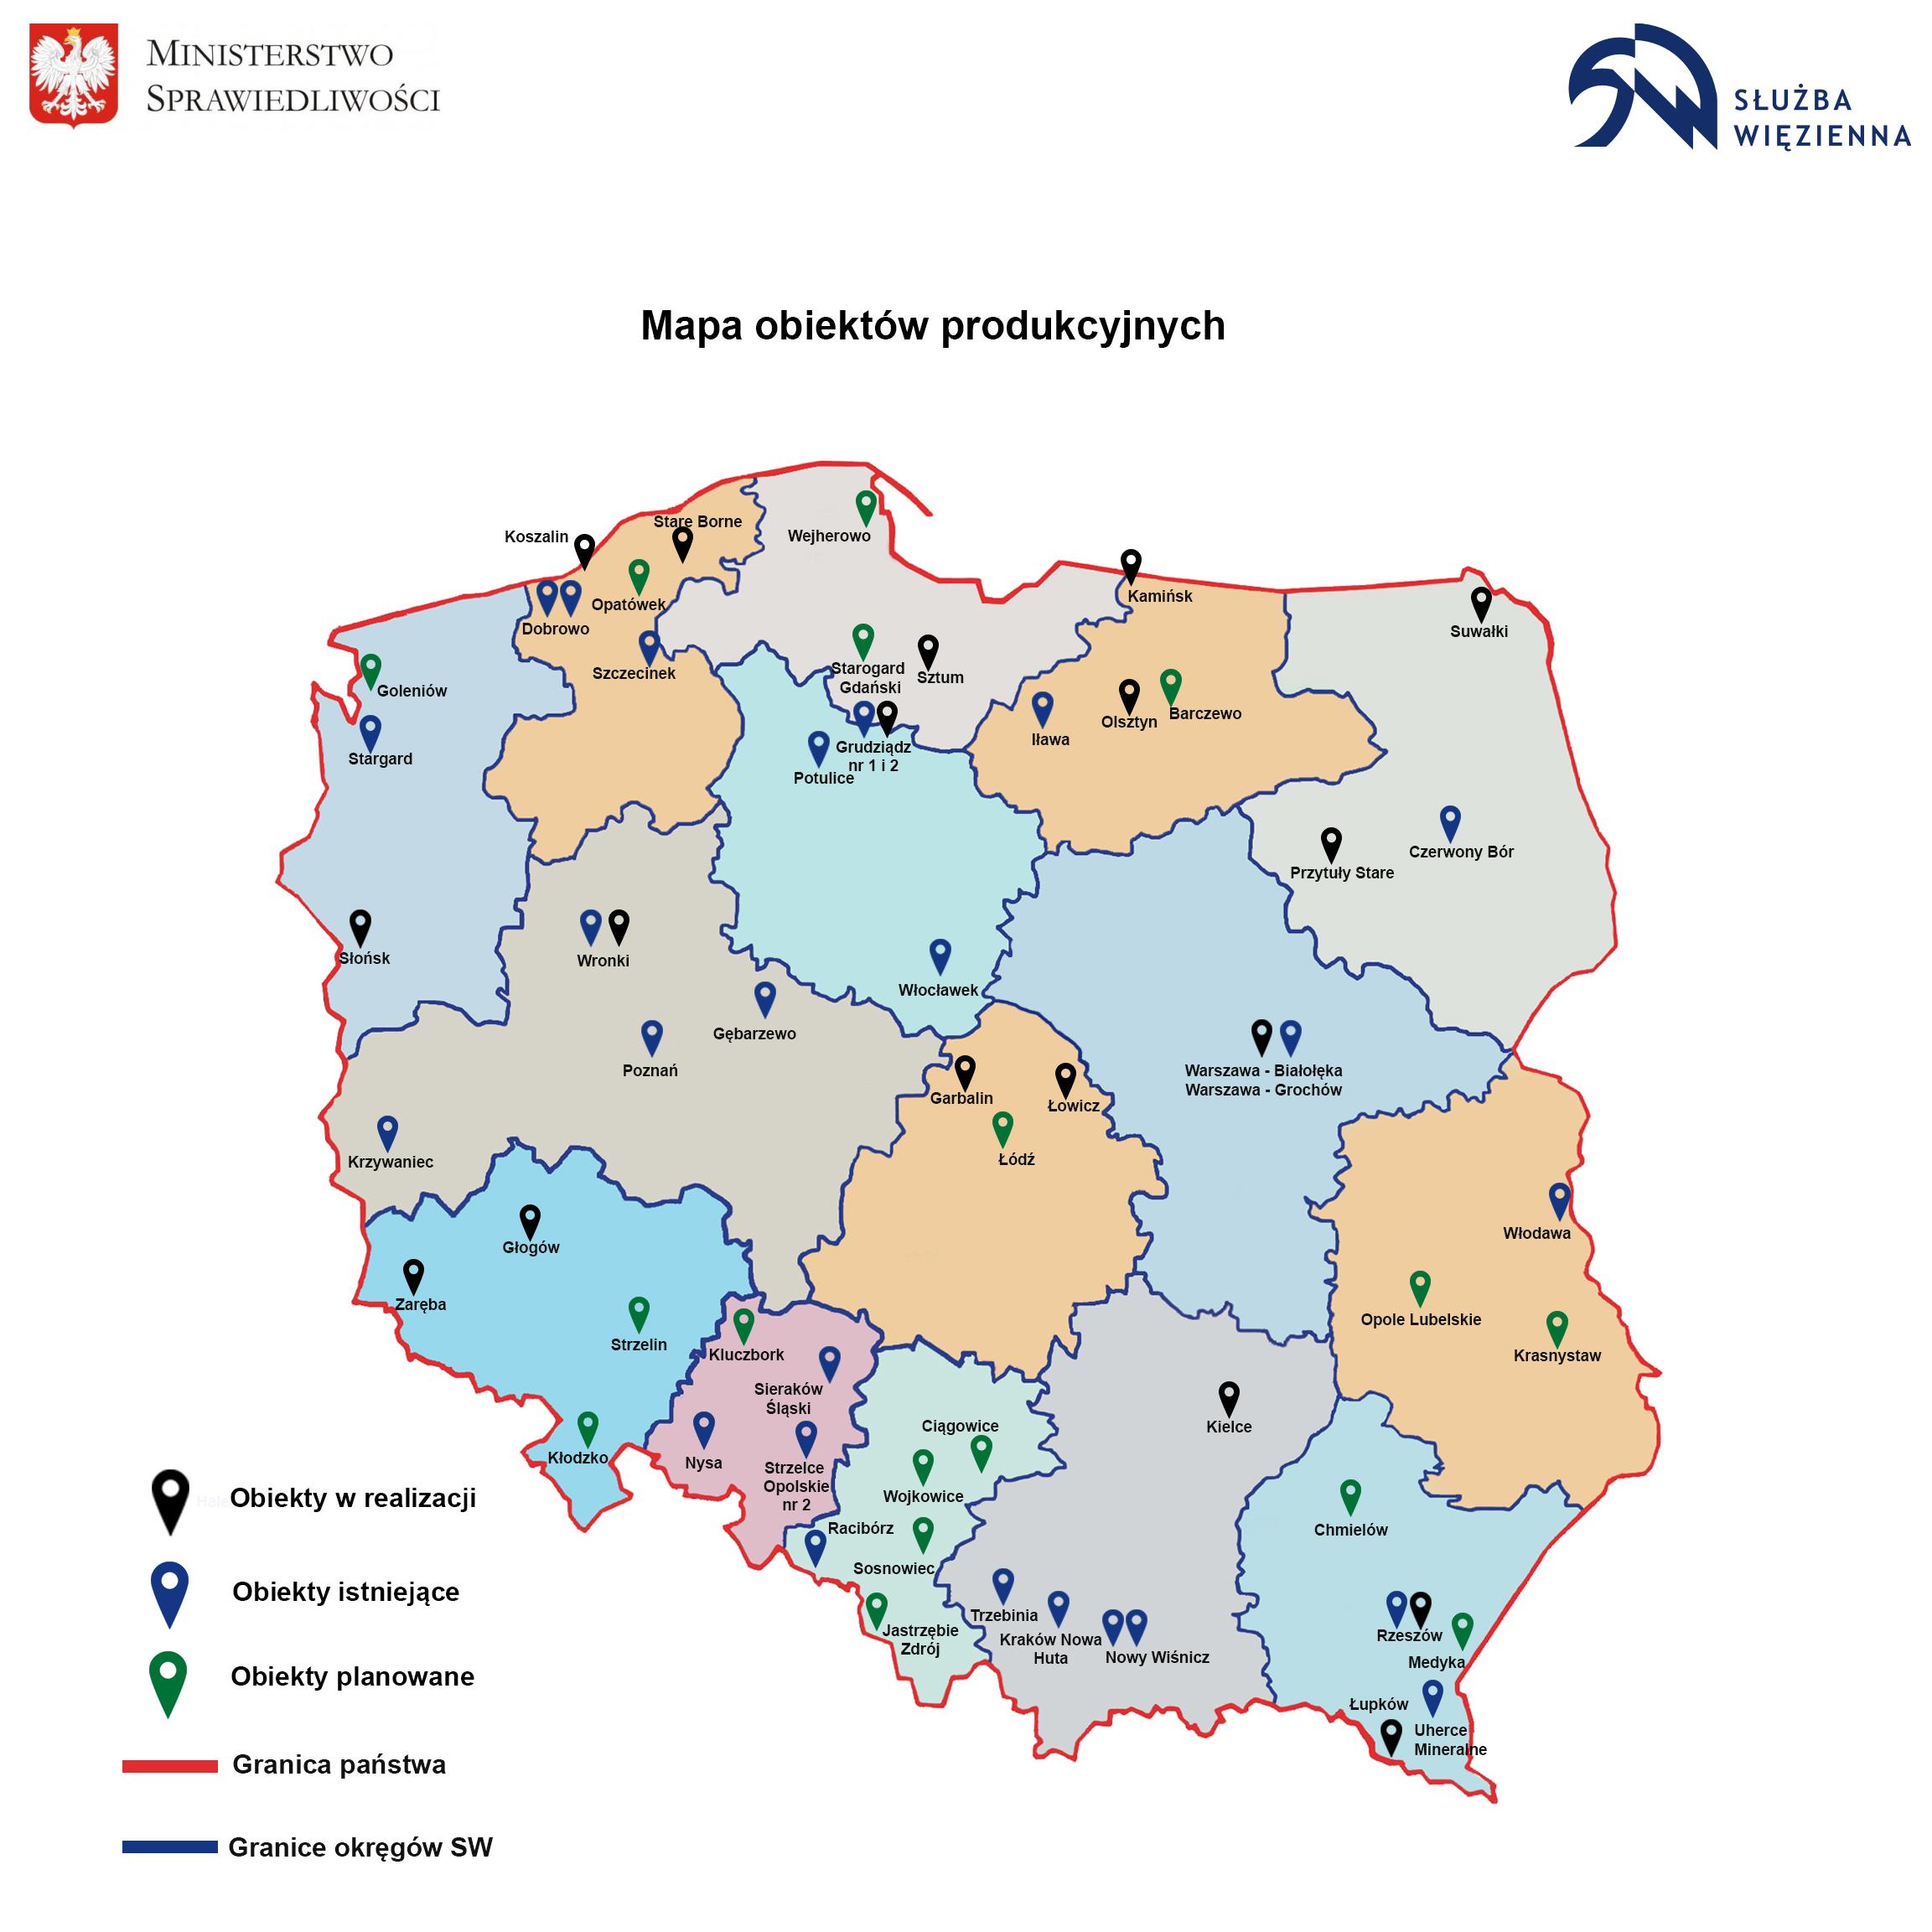 Praca Więźniów. Mapa planowanych realizacji hal produkcyjnych na 7 lat (fot. sw.gov.pl)